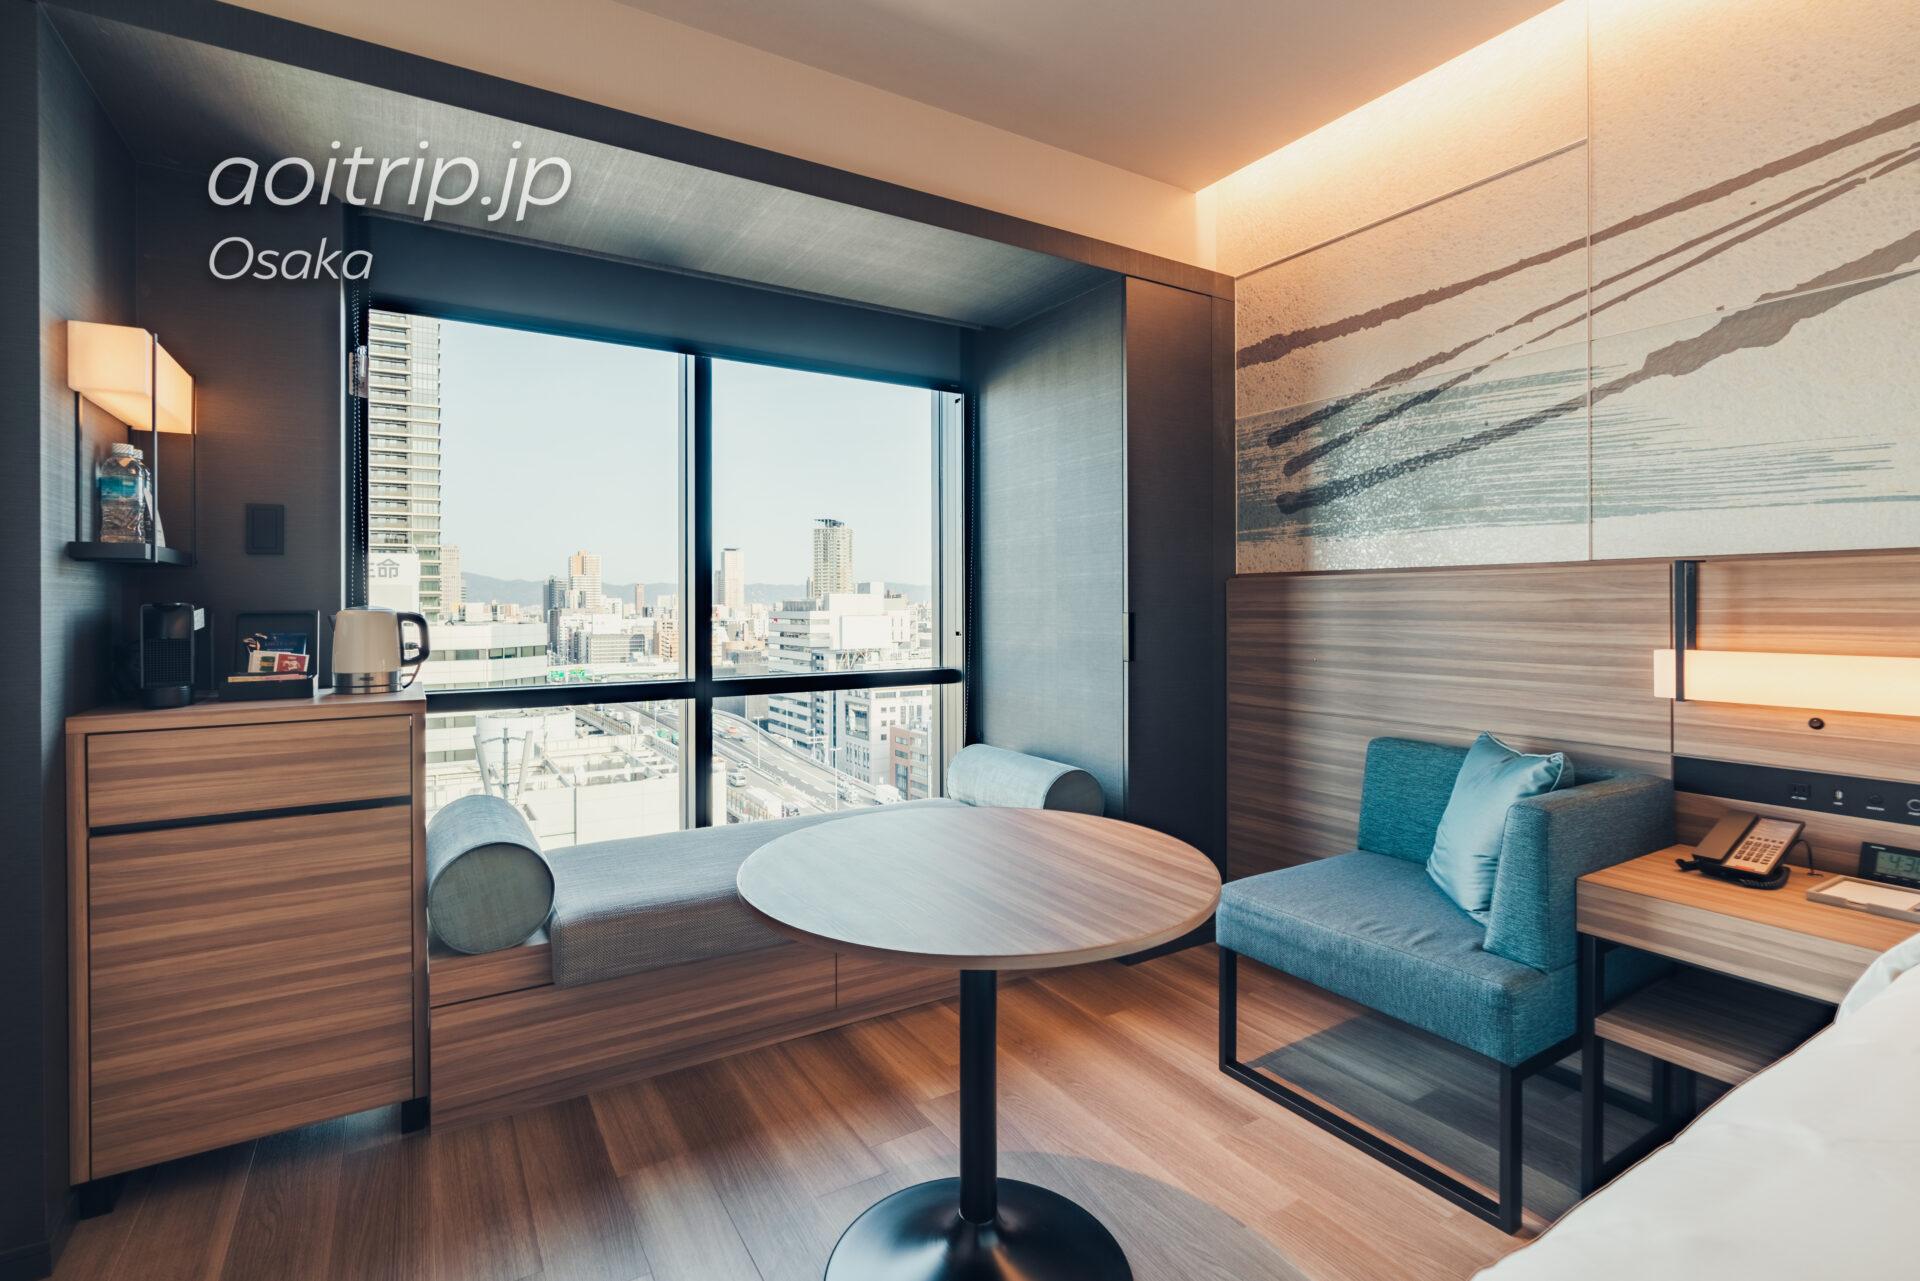 コートヤード バイ マリオット大阪本町|Courtyard Osaka Honmachi ビューキング(シャワーのみ) 高層階 View King Shower only Guest room, 1 King, City view, High floor